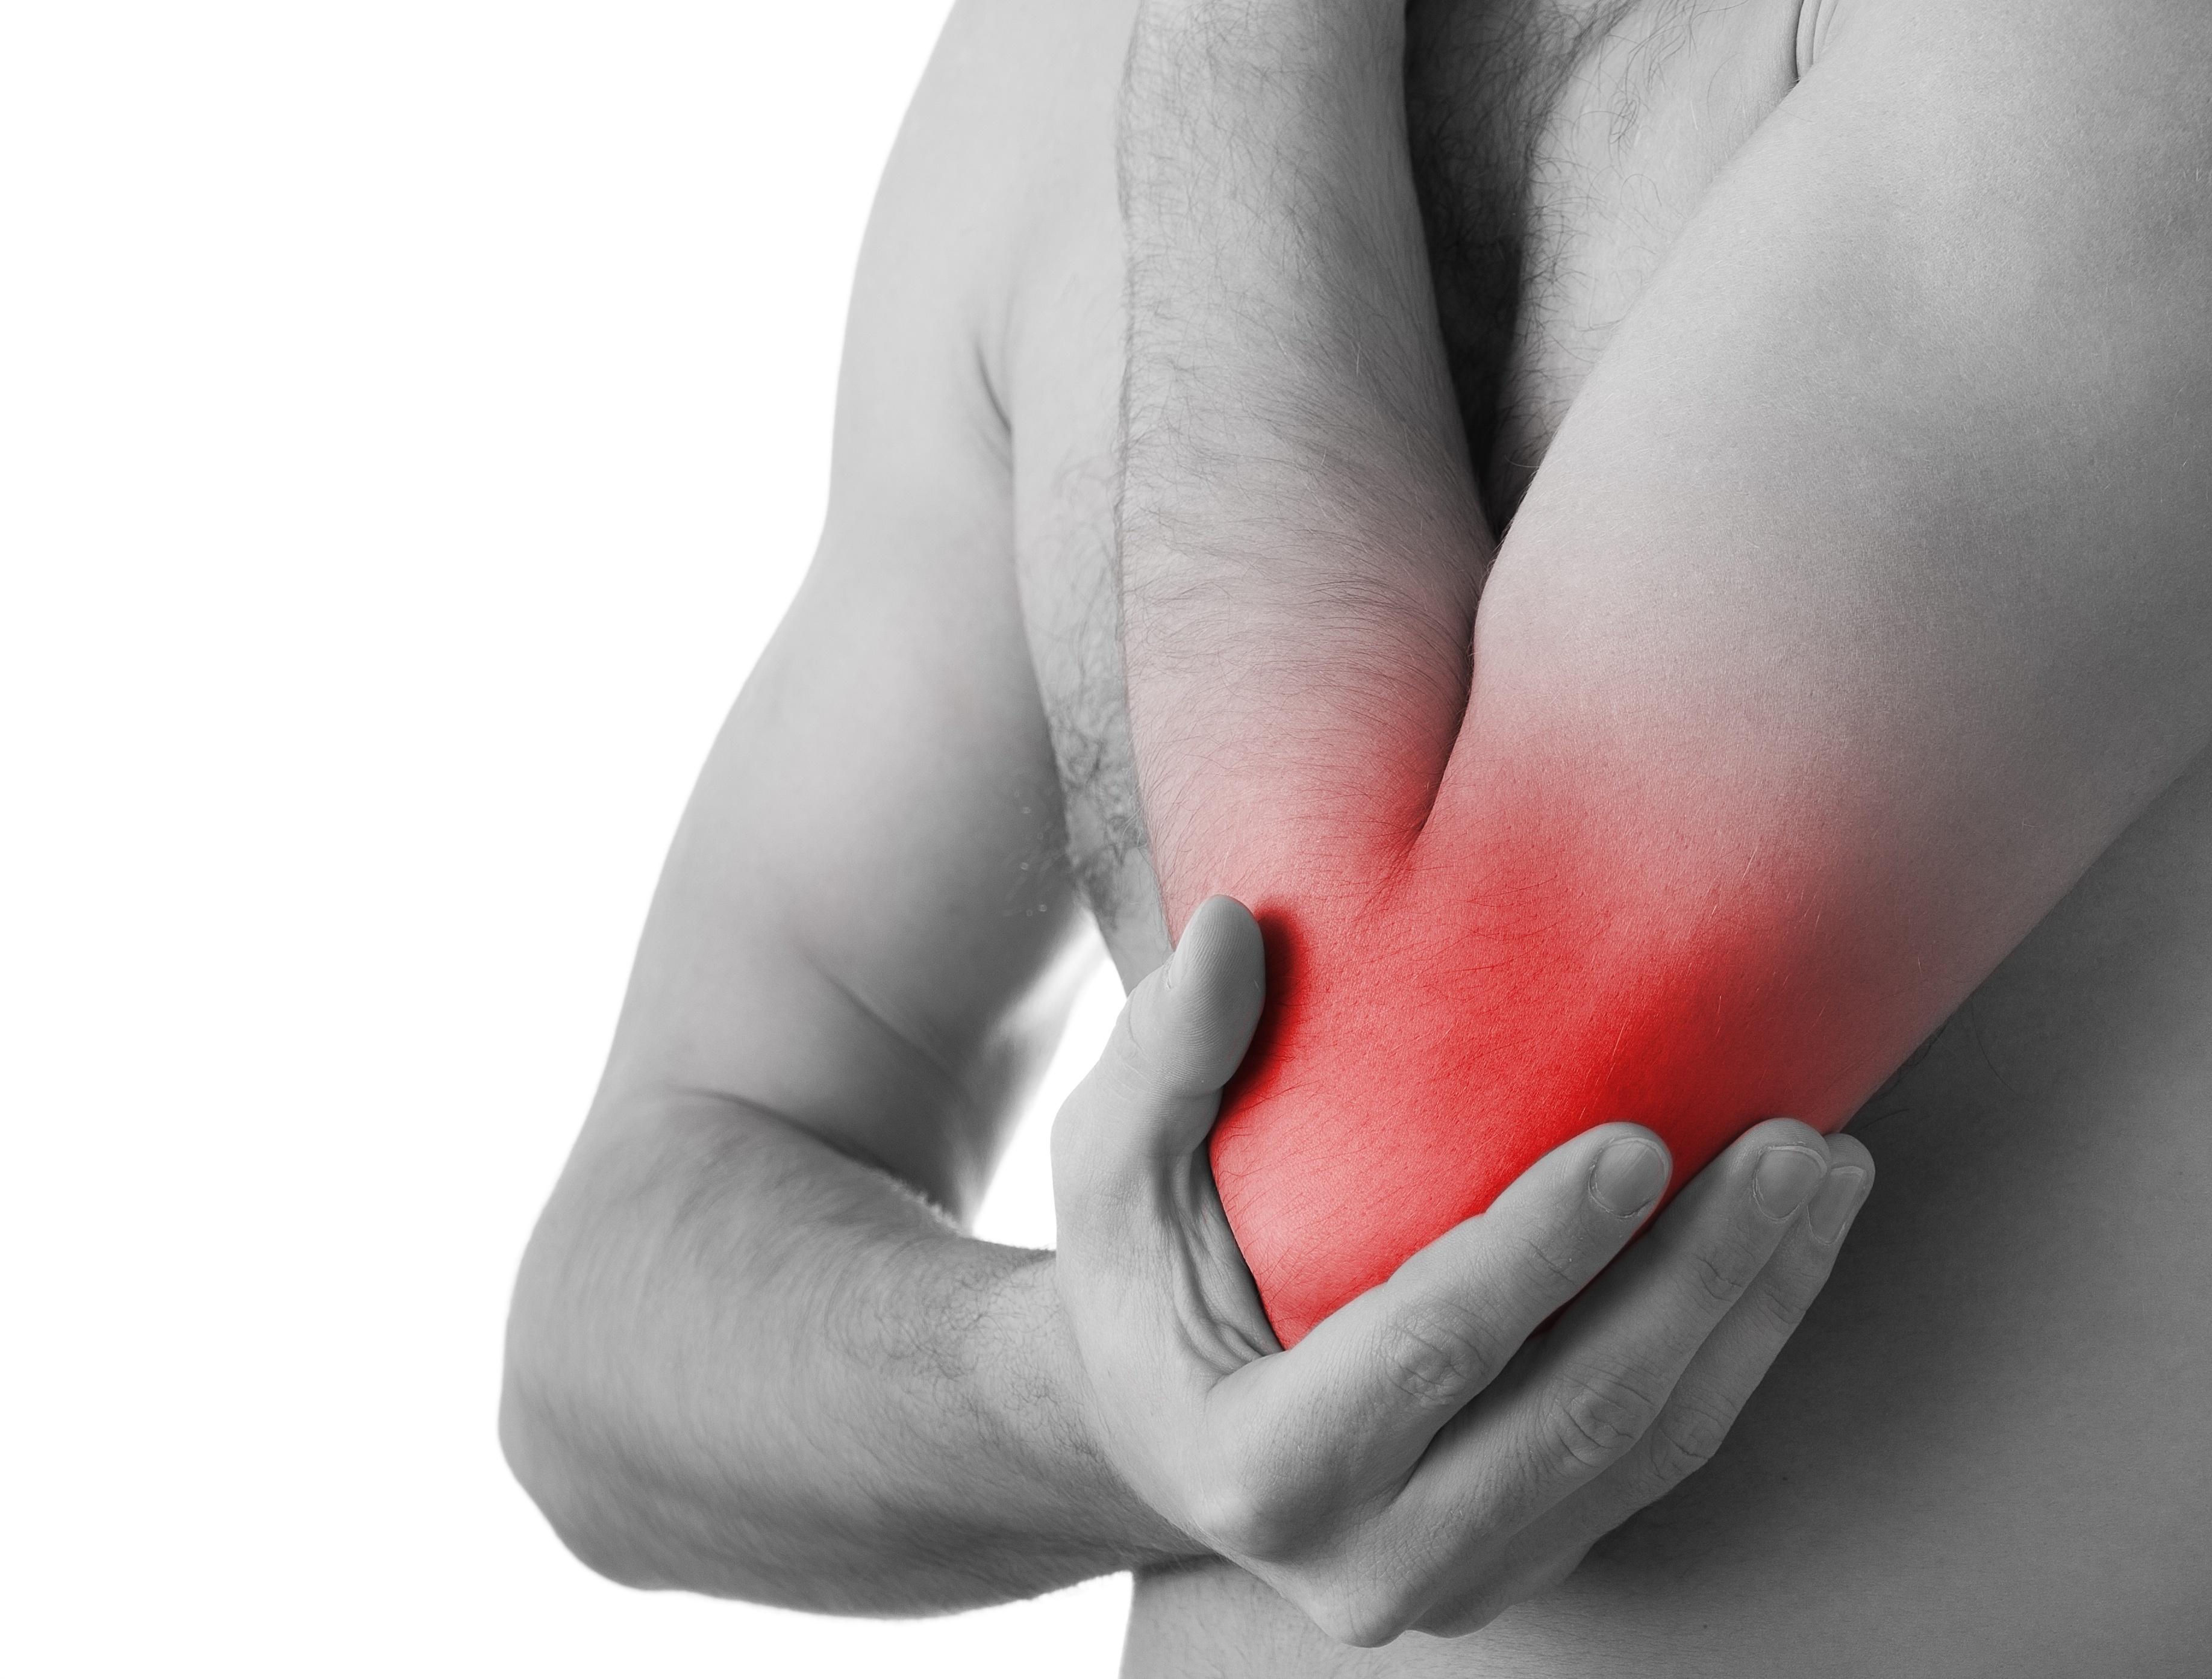 ízületi ízületi ízületi tünetek és kezelés az éjszakai csípőfájdalom kezelést okoz